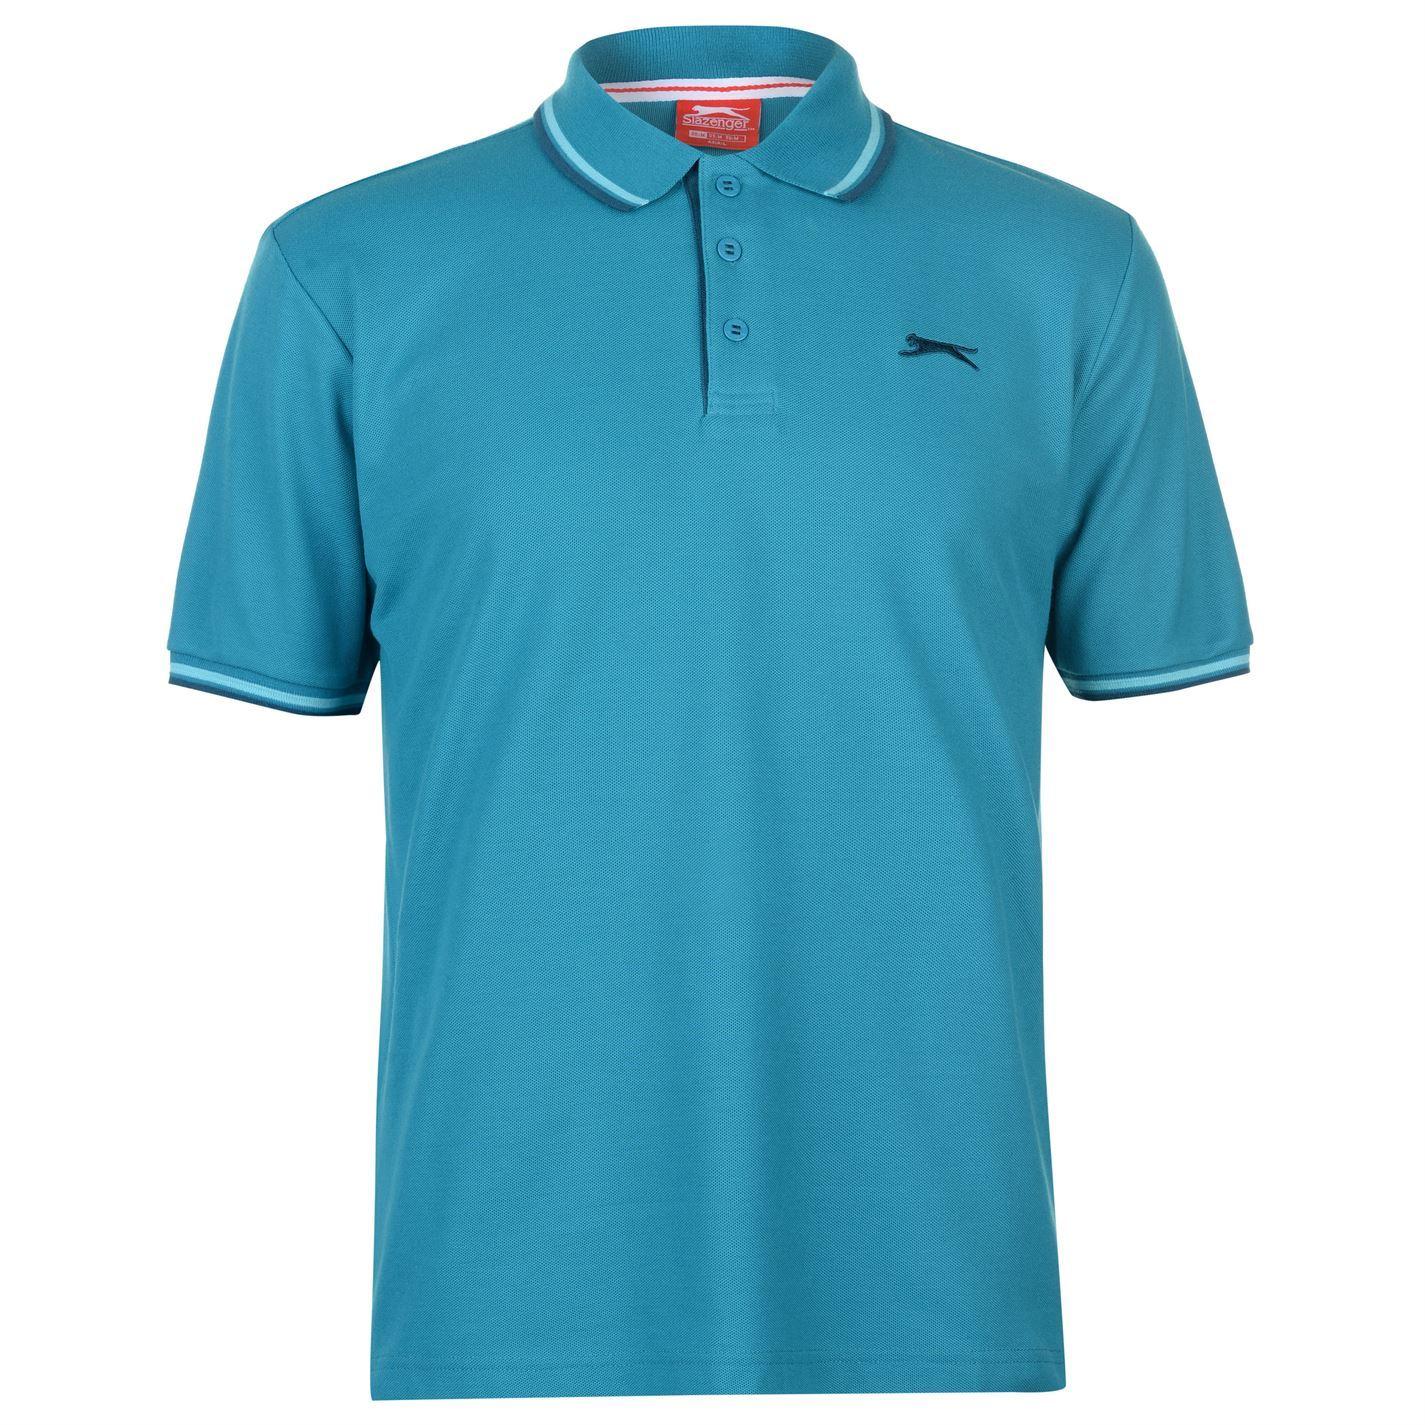 Slazenger-Polo-Camisa-de-hombre-con-cuello-con-Punta-T-Shirt-Top-Camiseta-Tee miniatura 71